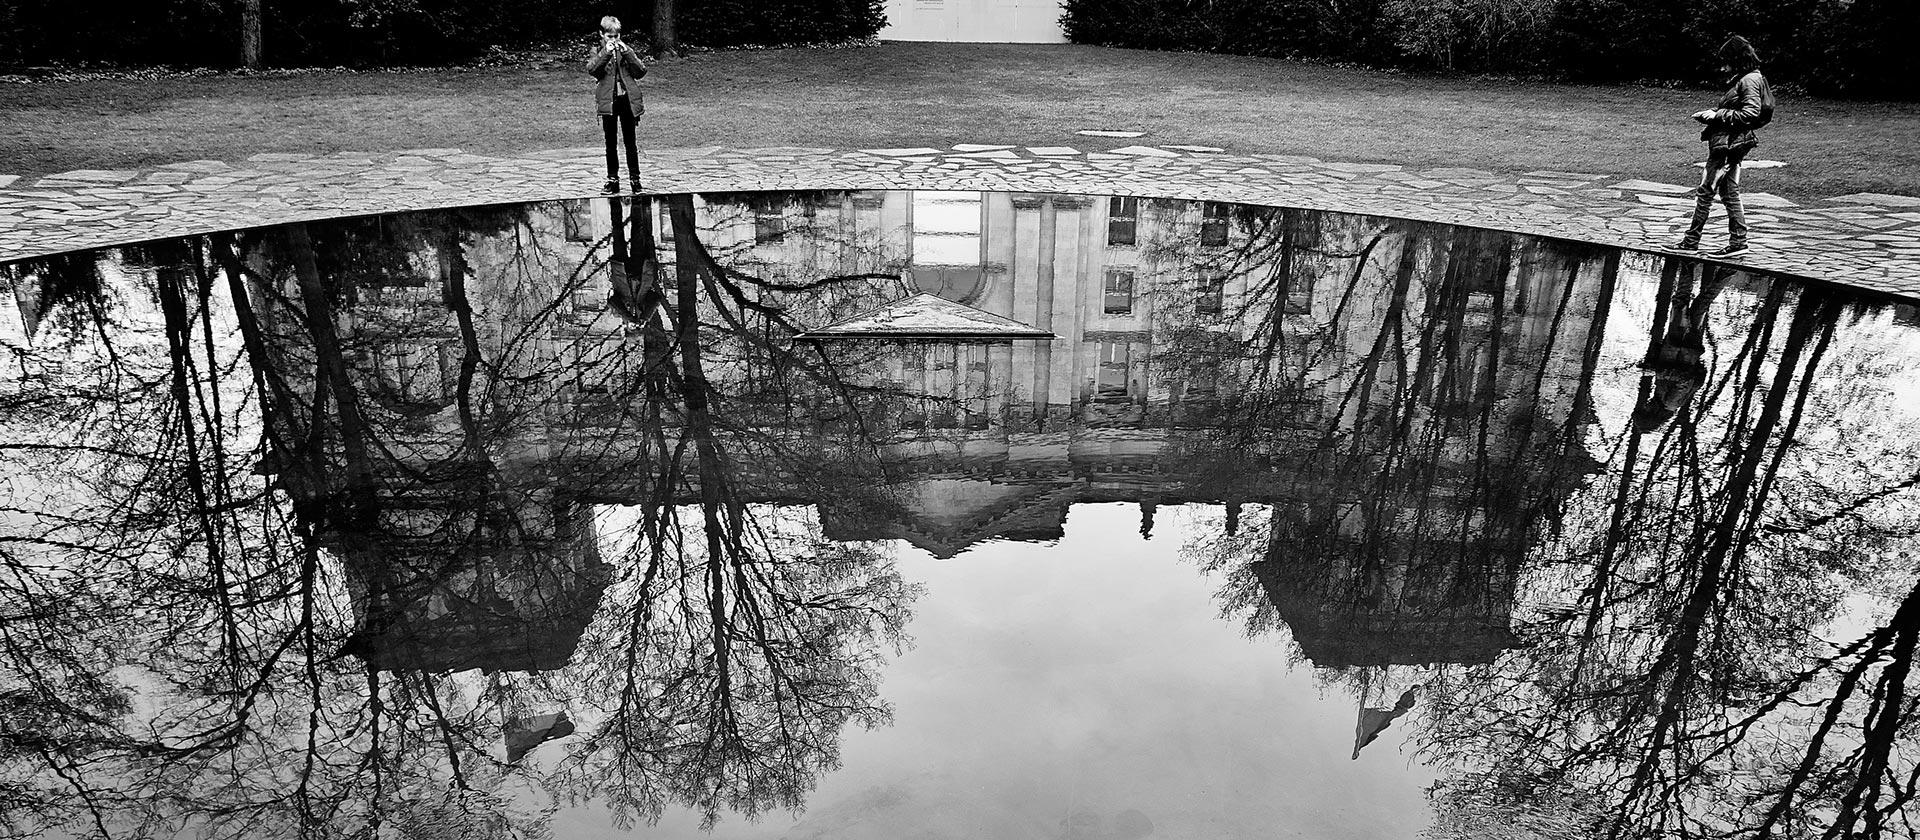 Ein Gebäude spiegelt sich im Wasser, schwarz-weiß Foto